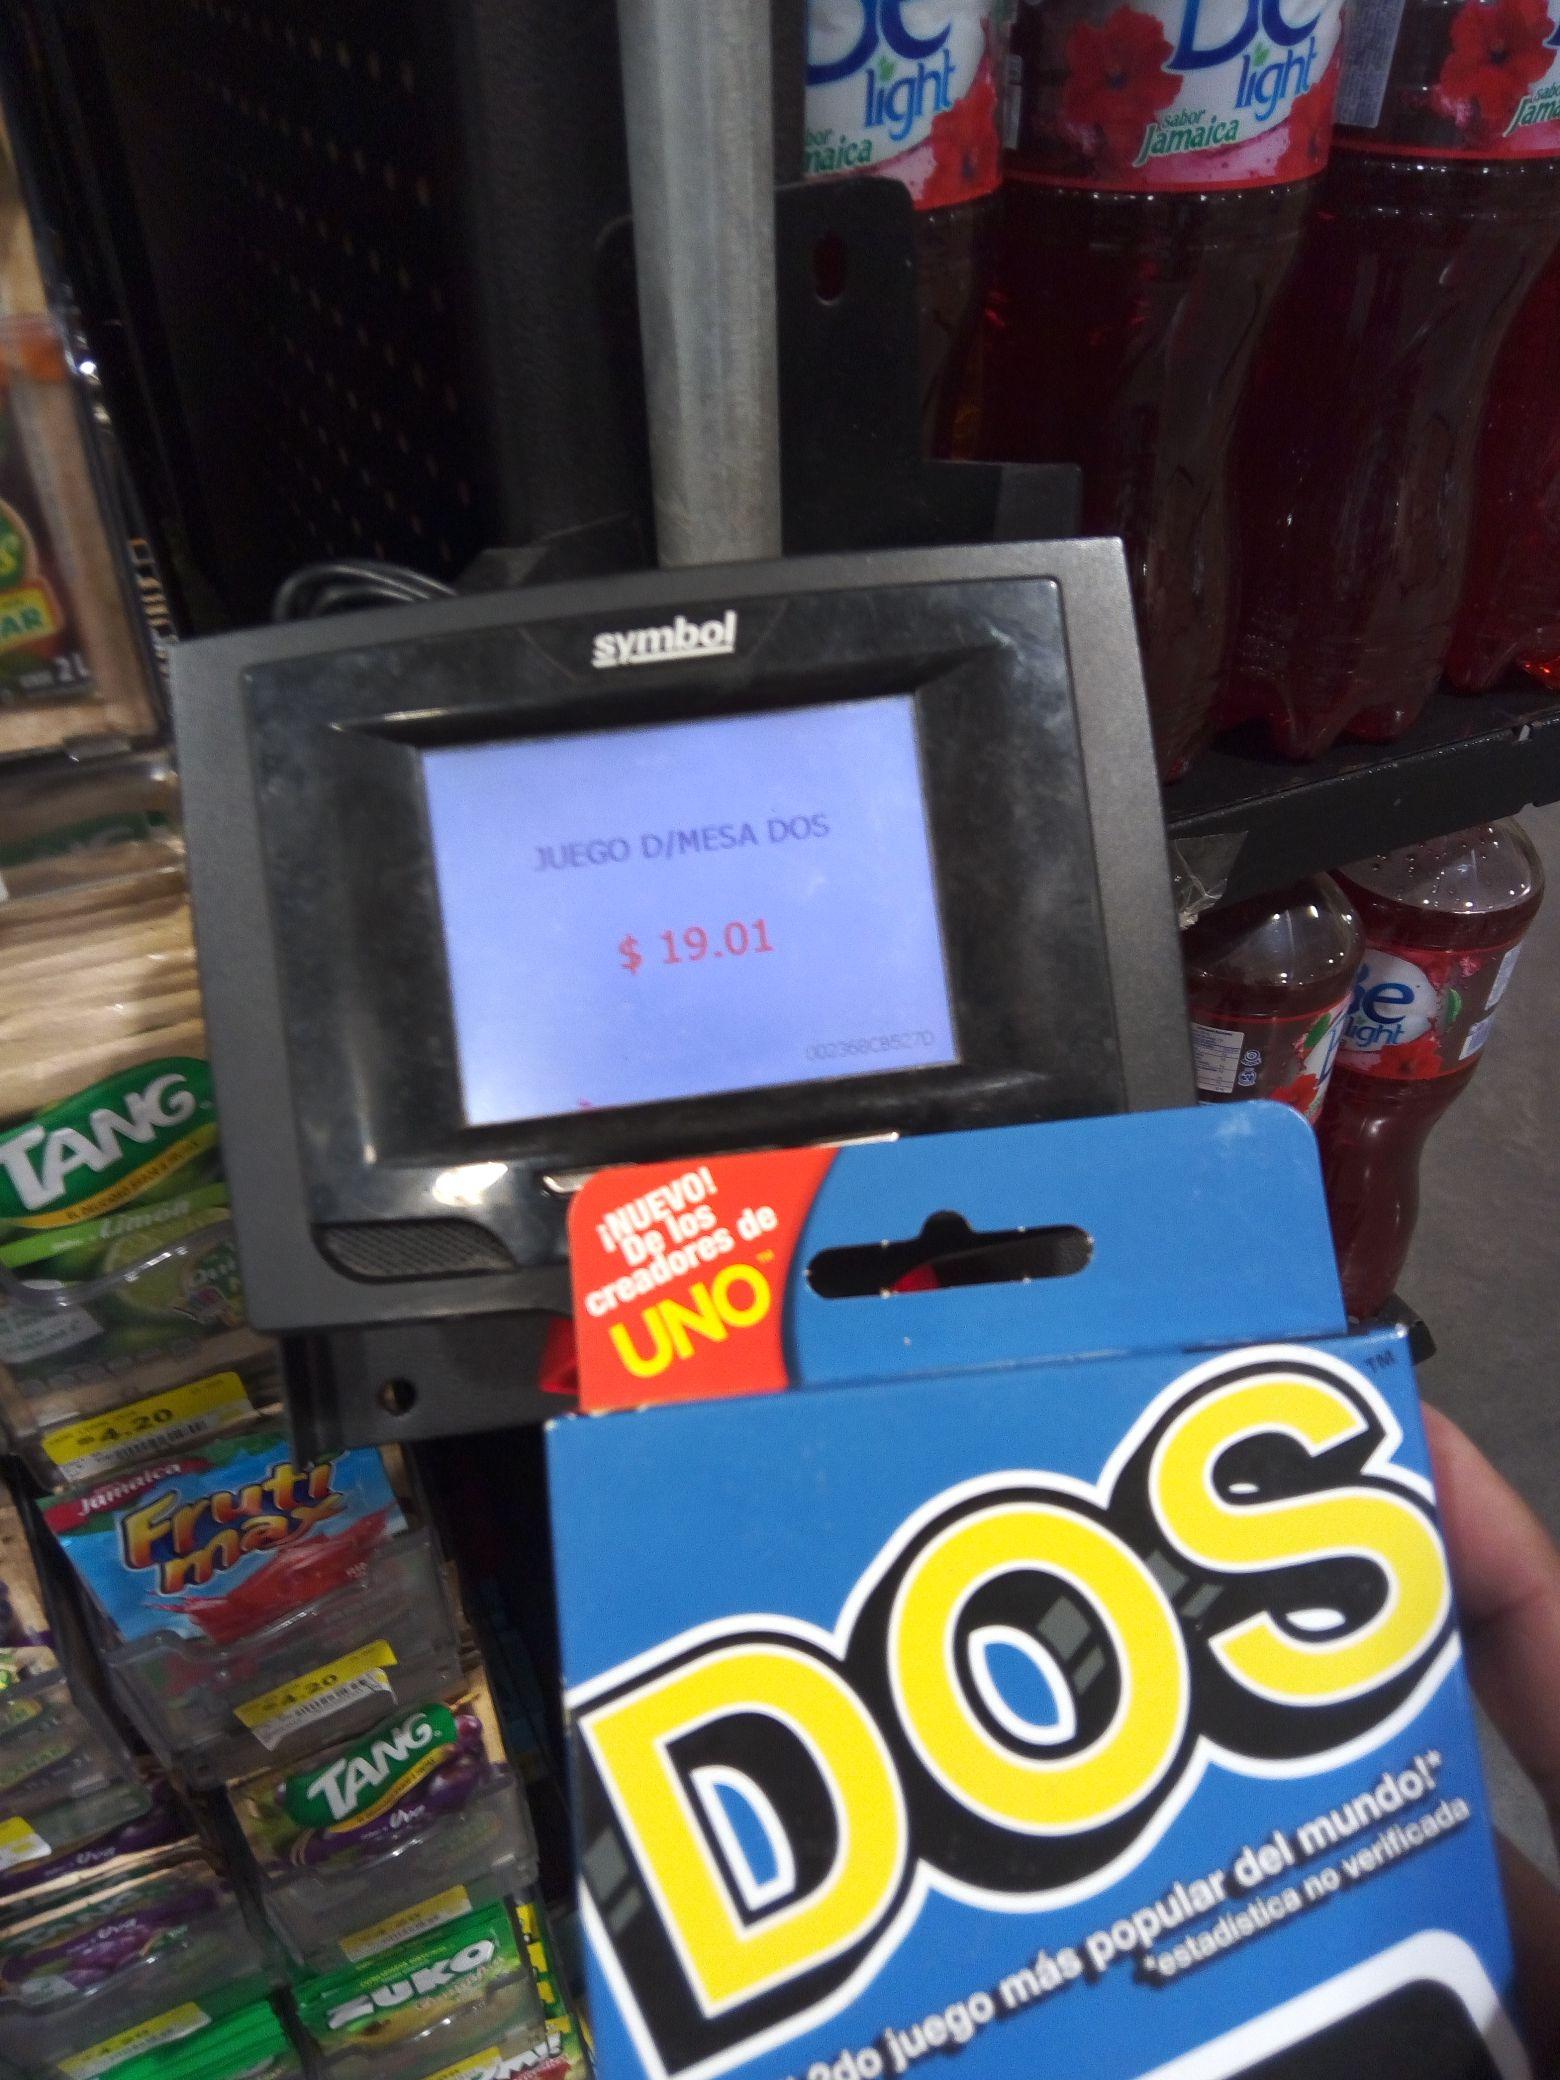 Walmart Pabellon Cuemanco: Juego DOS y mas